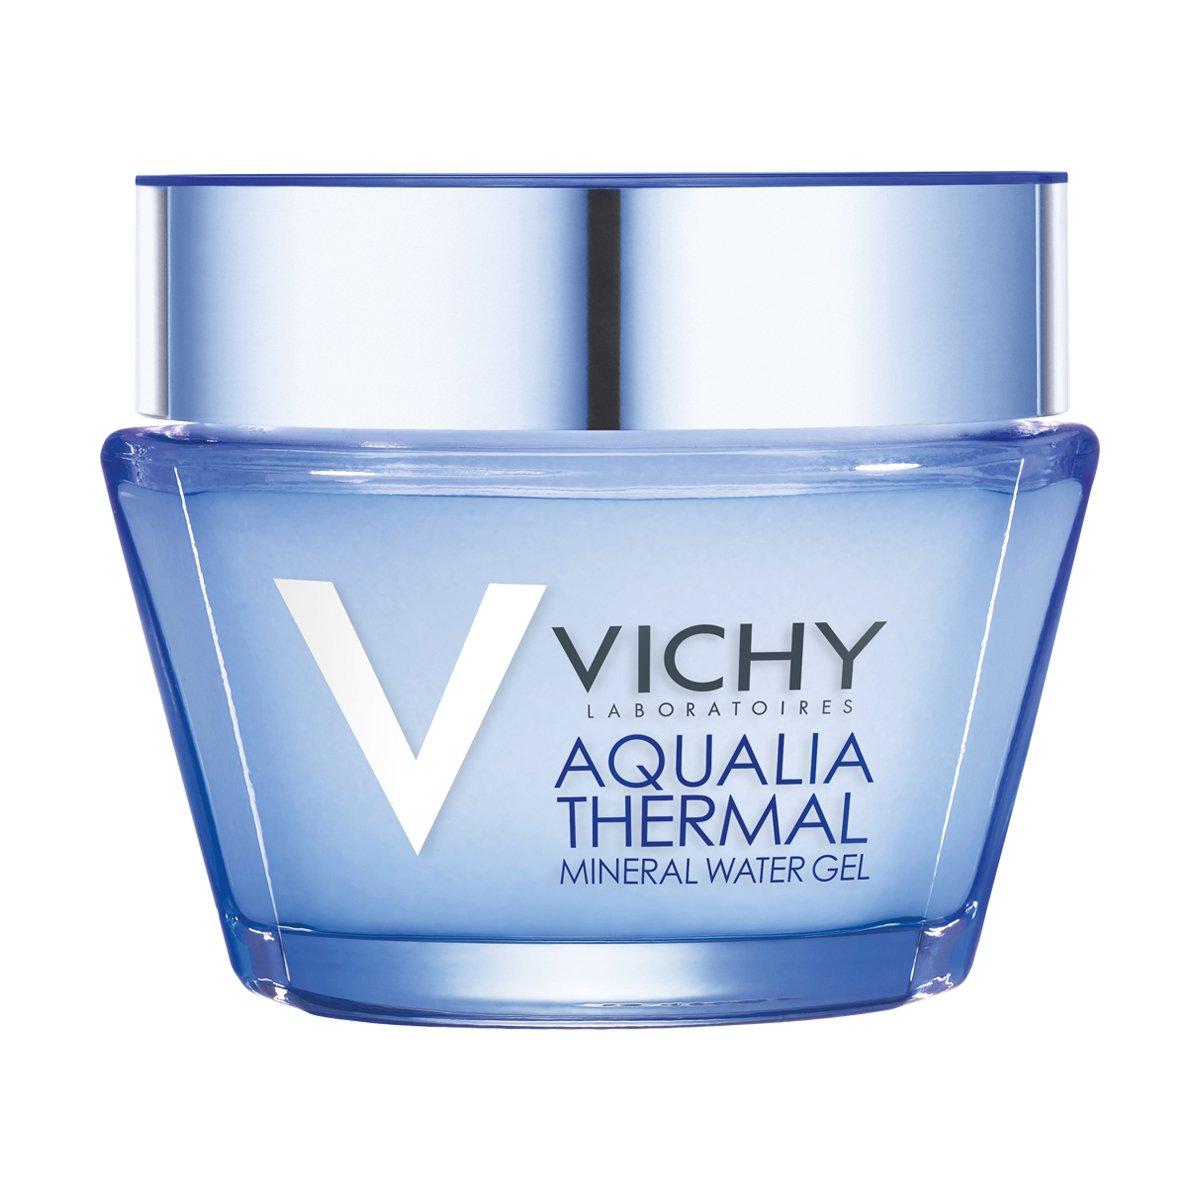 ヴィシー Aqualia Thermal Hydrating Mineral Water Gel B01GDUM6UC - Fortifying ヴィシー 48h Hydrating Care 22076 50ml B01GDUM6UC, アイナンチョウ:fc3c6ef7 --- forums.joybit.com